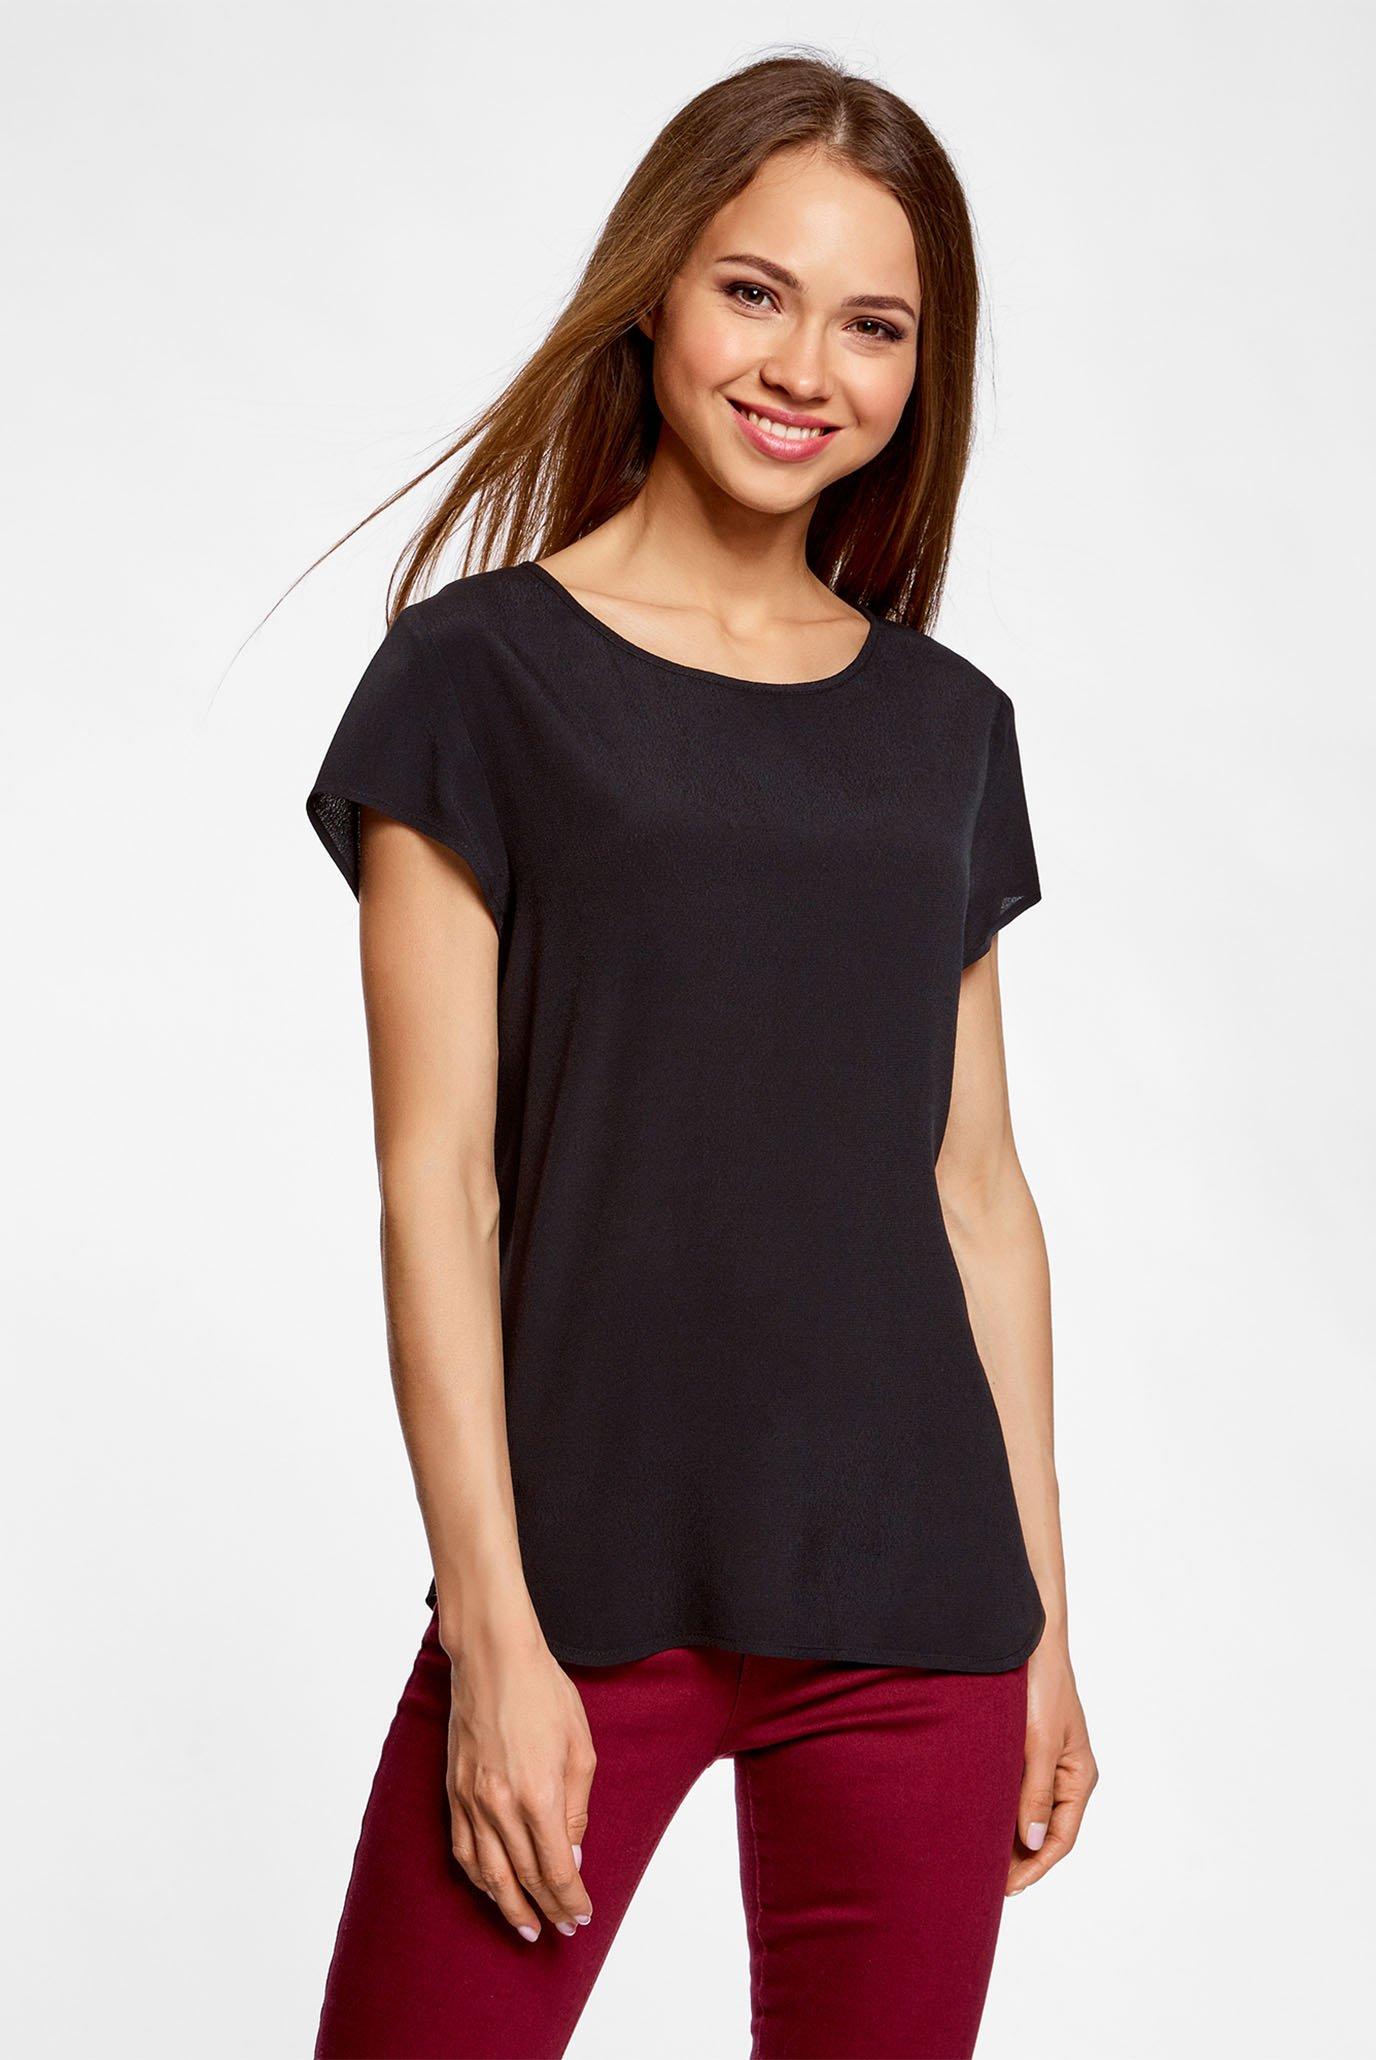 Купить Женская черная блуза Oodji Oodji 11411138B/46249/2900N – Киев, Украина. Цены в интернет магазине MD Fashion